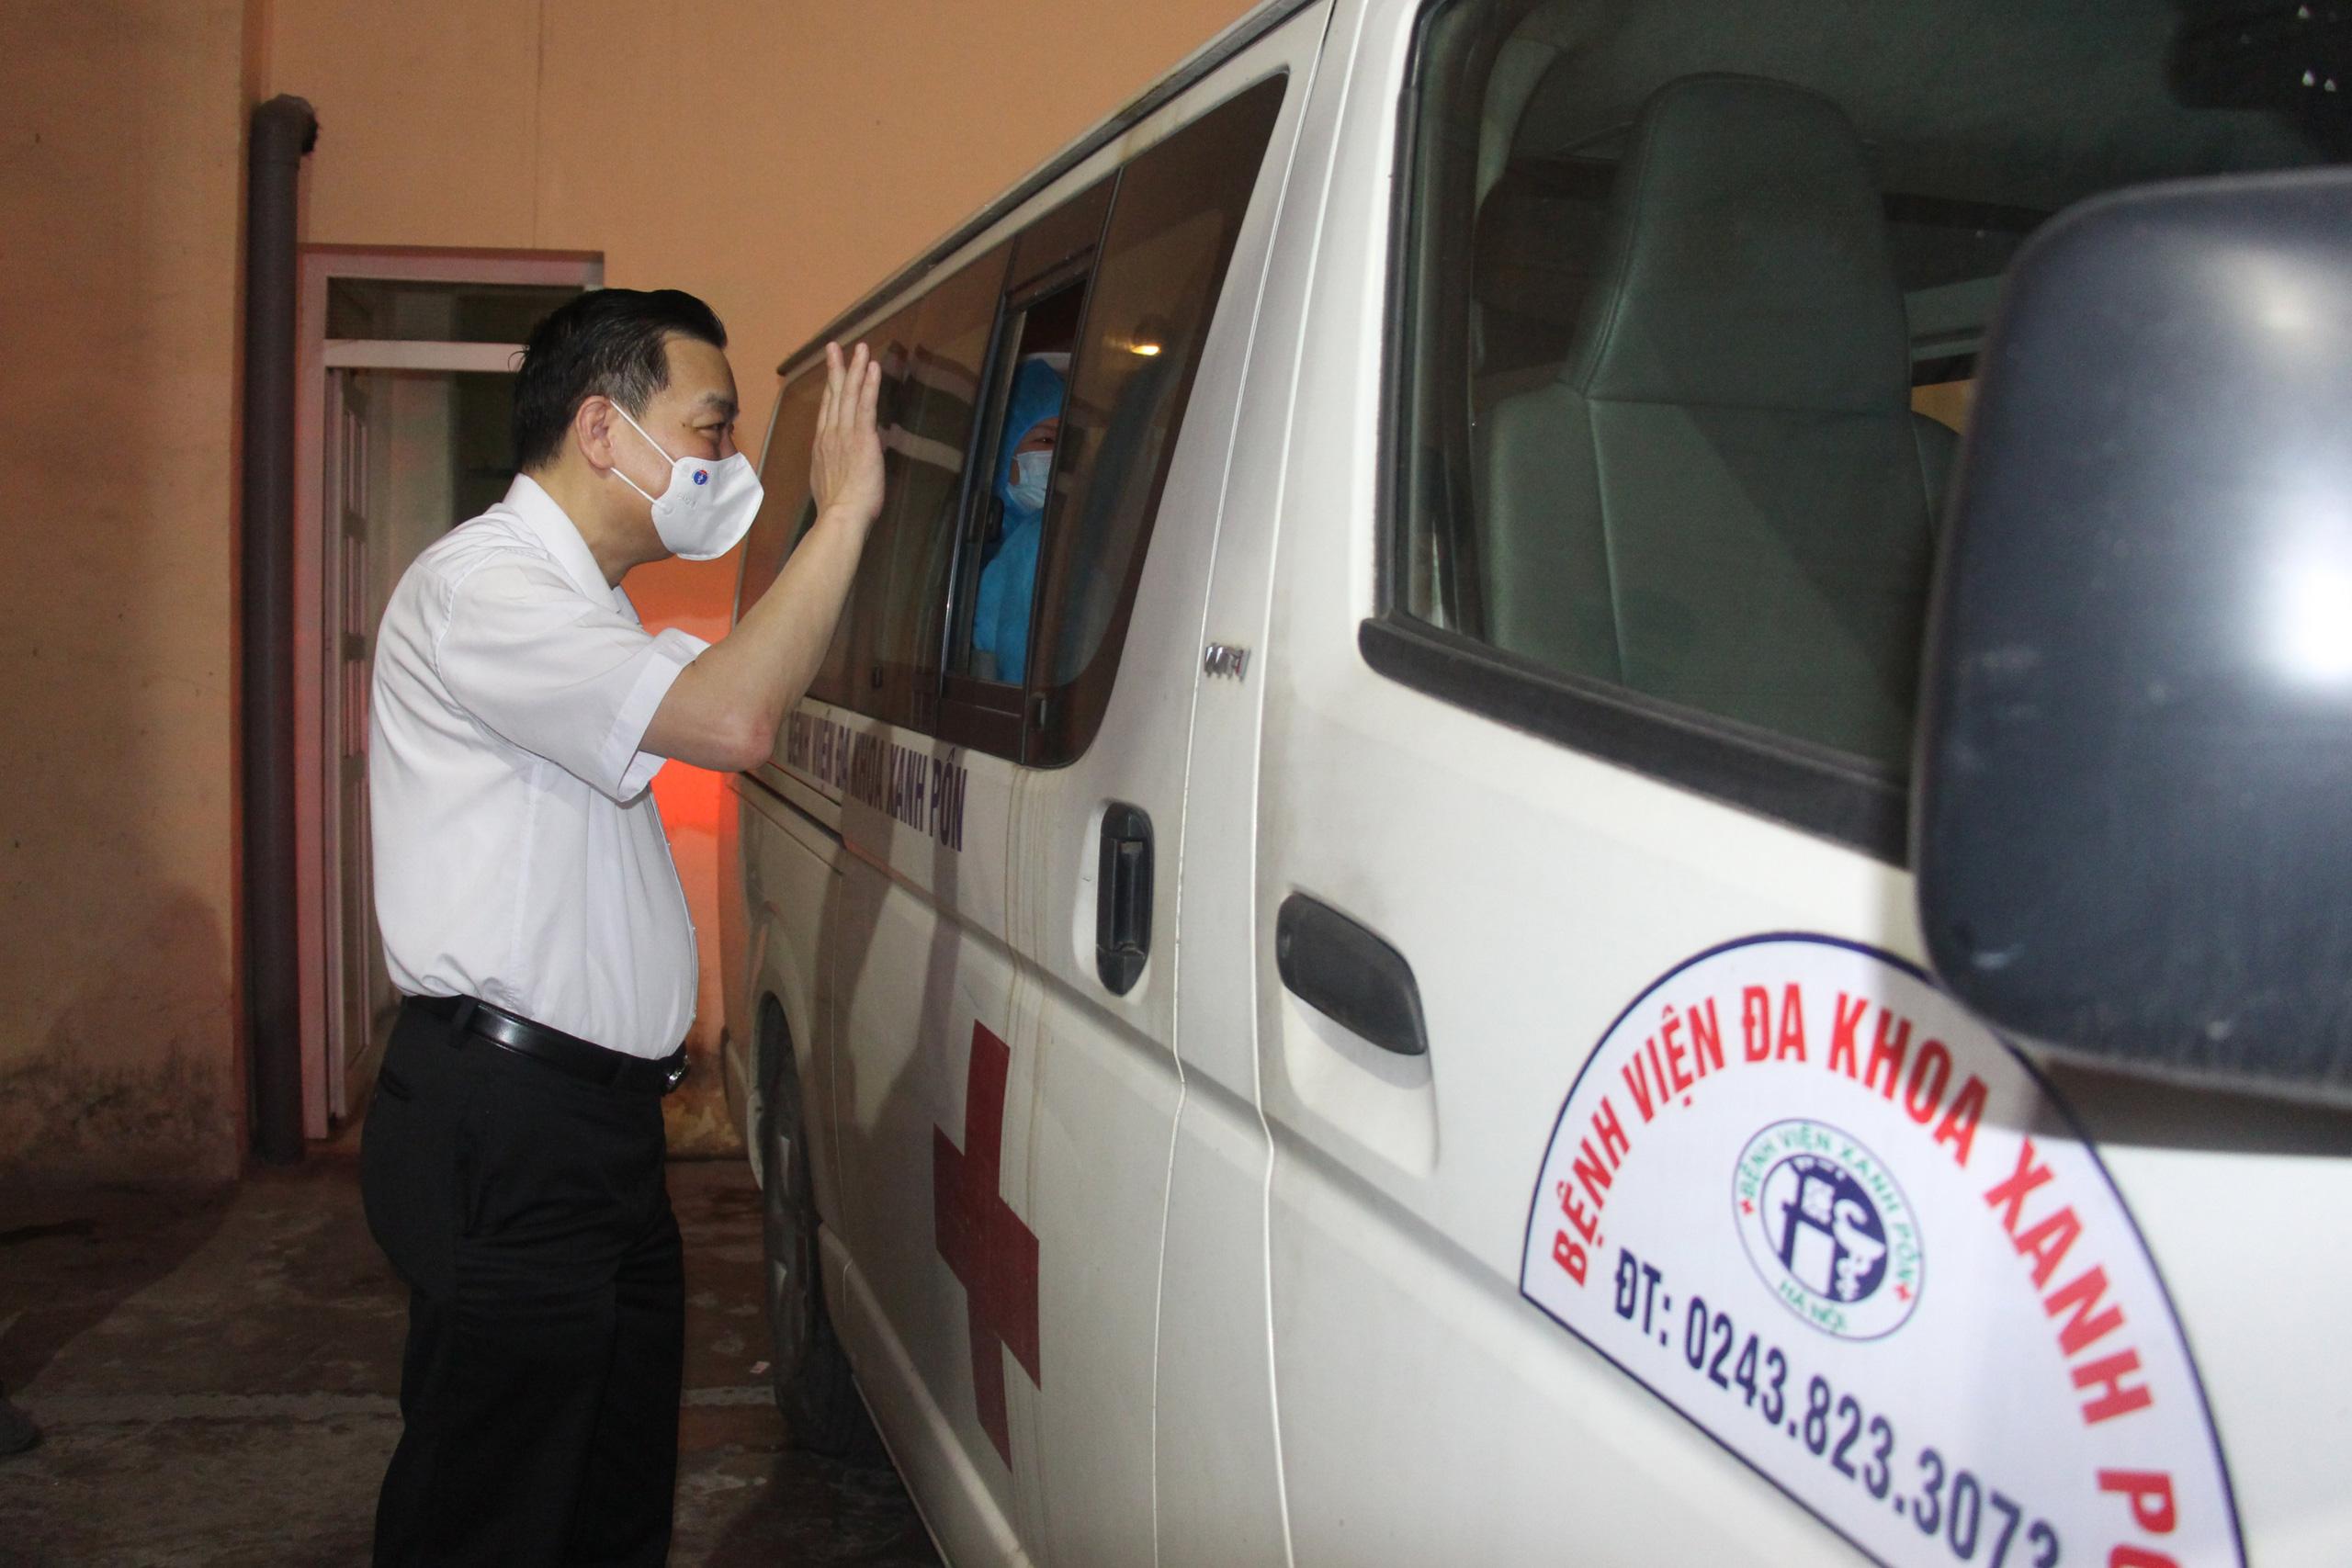 Hà Nội kiến nghị Thủ tướng cho phép tăng 70% mức bồi dưỡng lực lượng phòng, chống dịch Covid-19 - Ảnh 2.